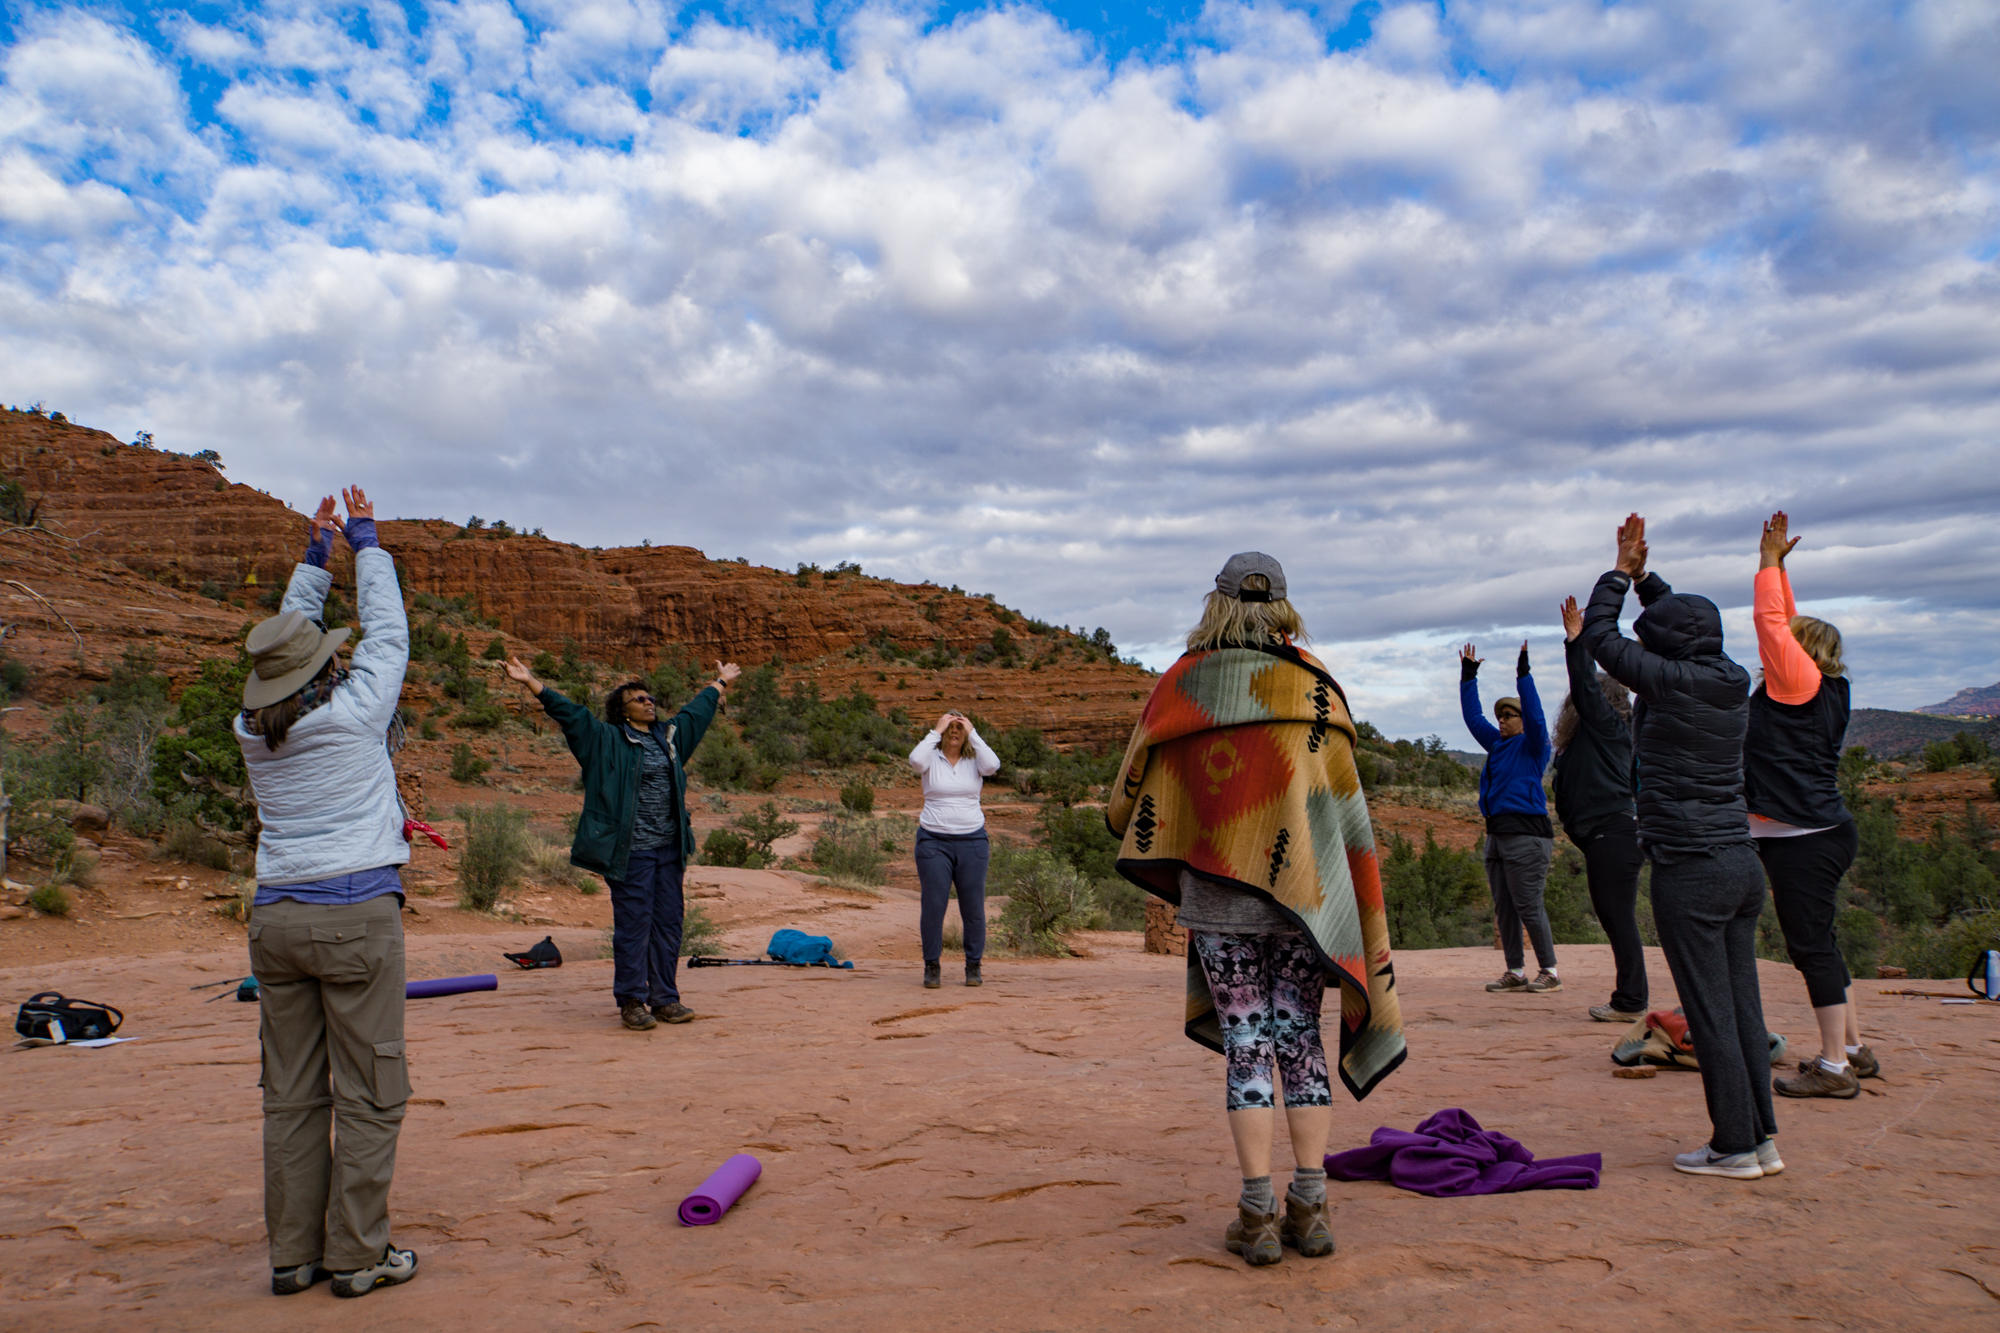 Hope-Knosher-Awakening-Hope-Retreat-Sedona-Arizona.jpg .jpg